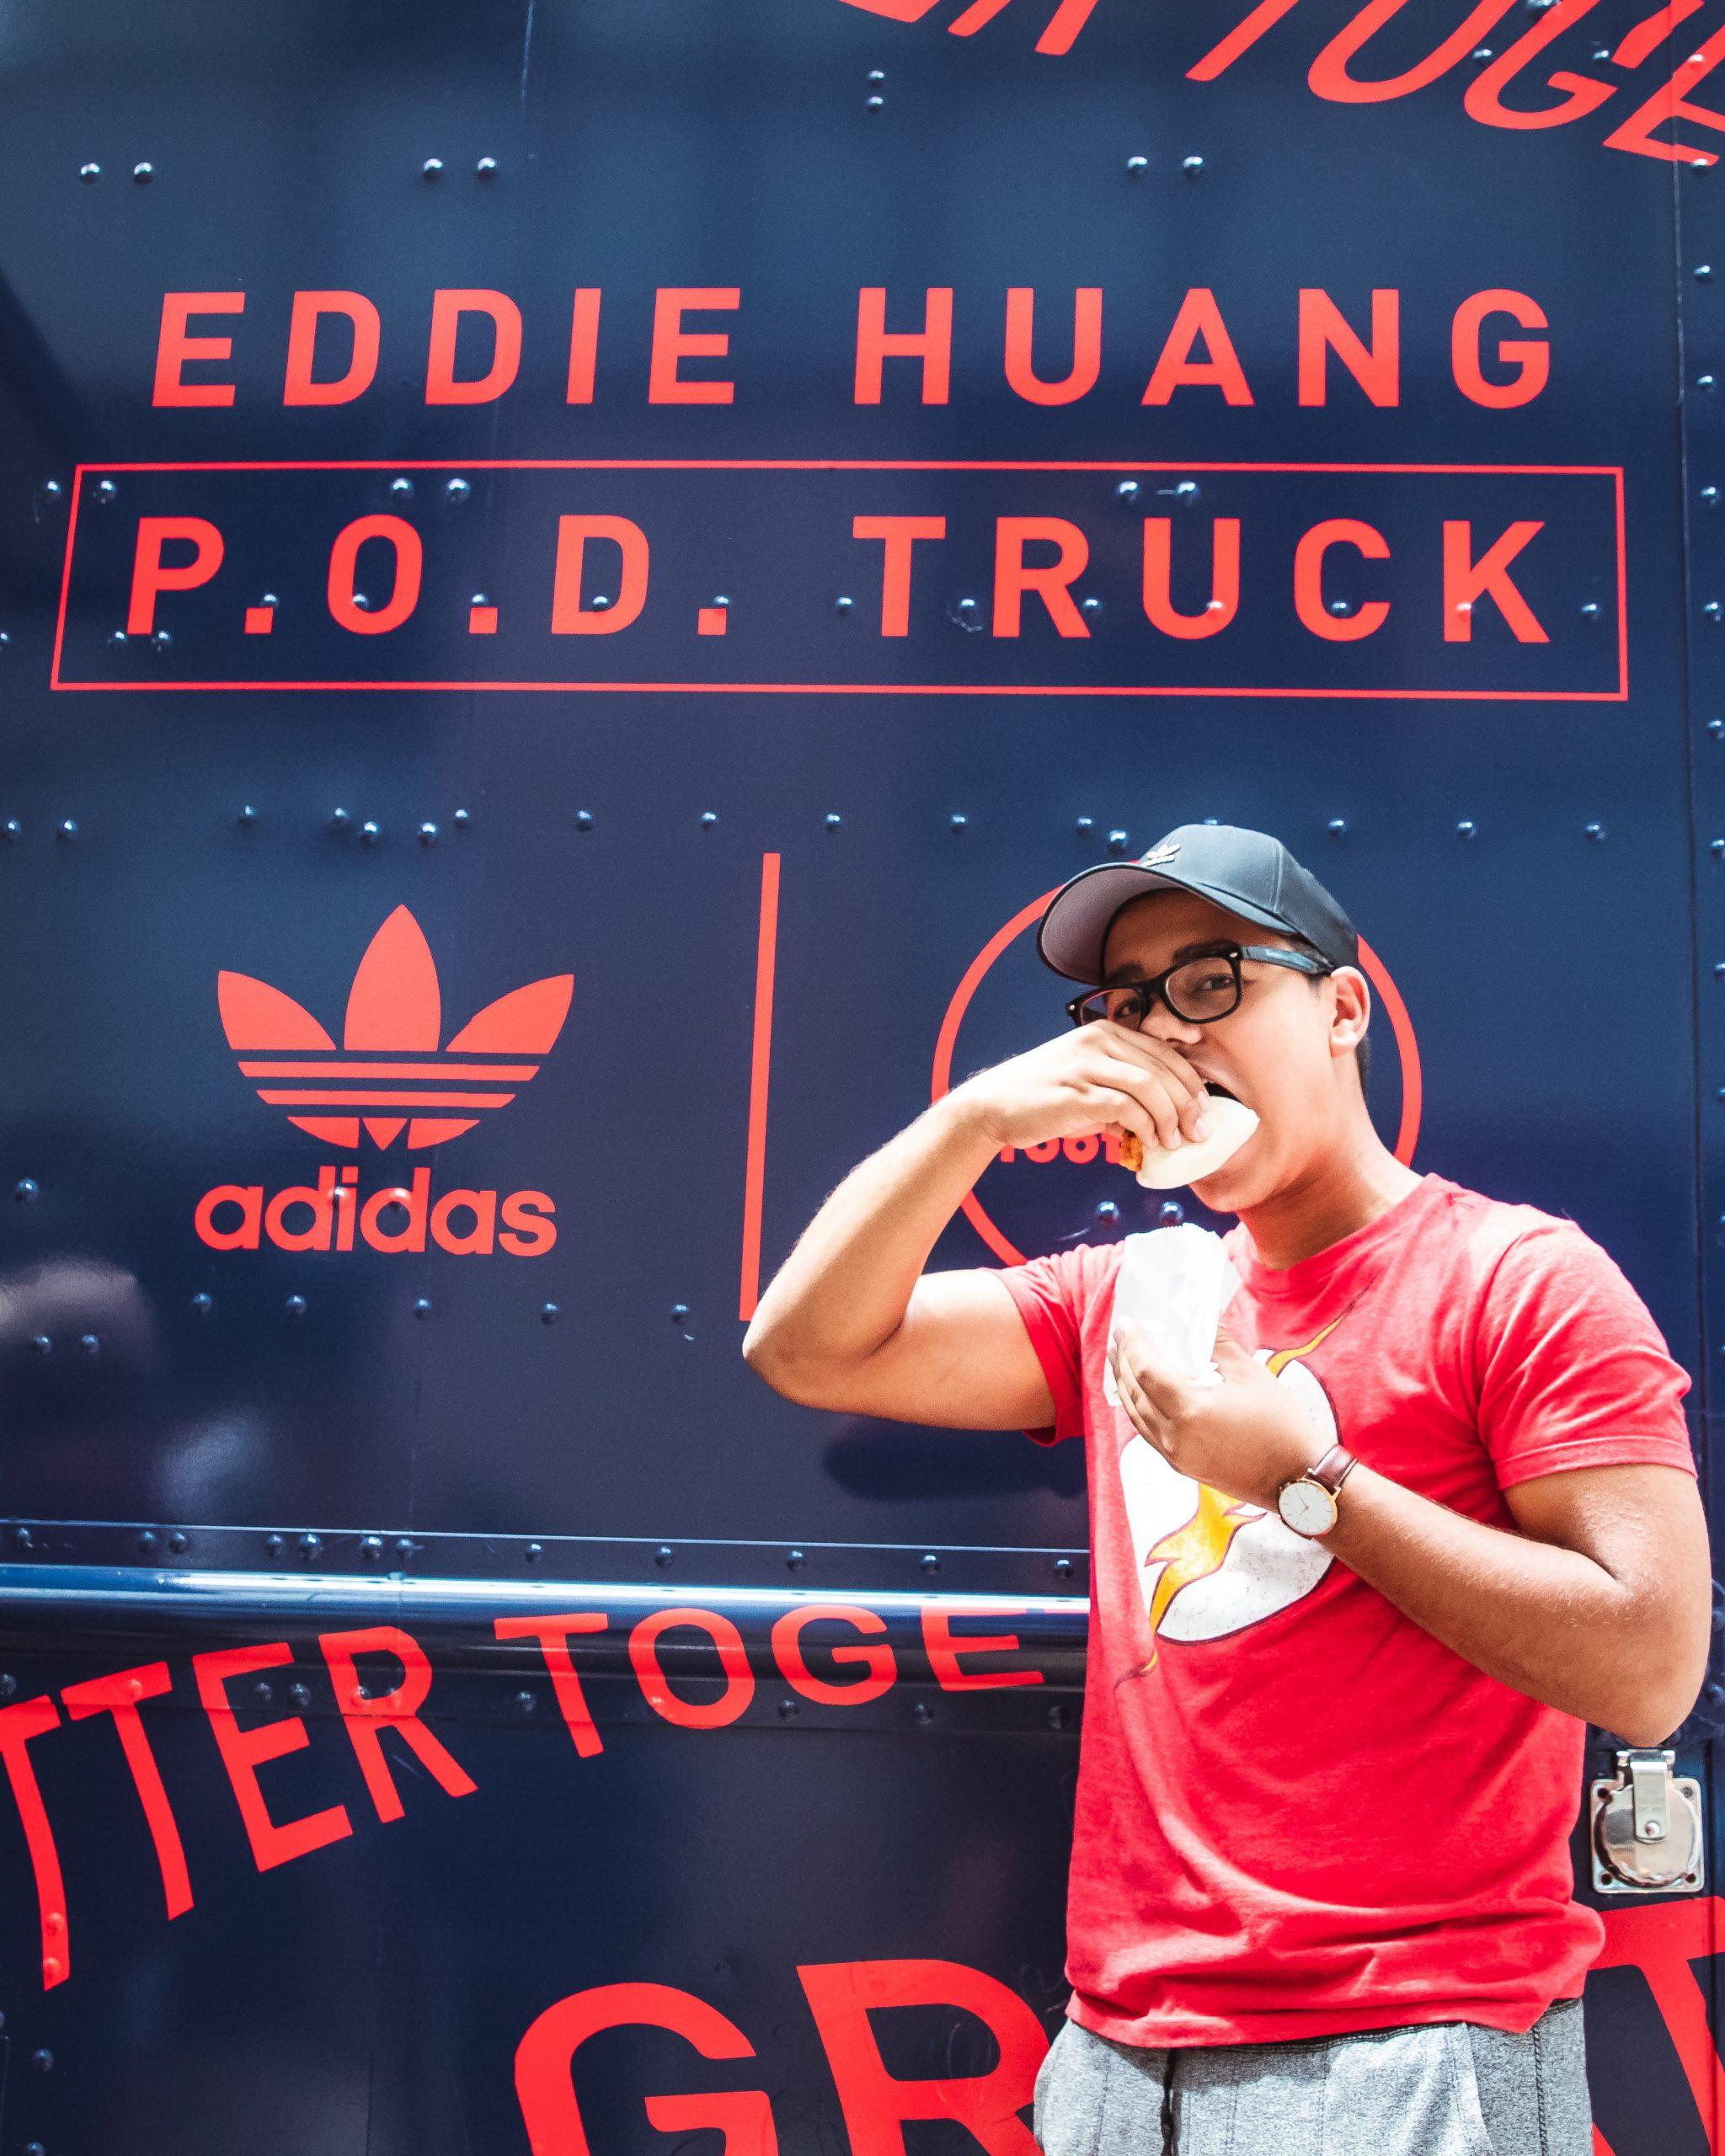 Eddie Haung POD Truck Promotion